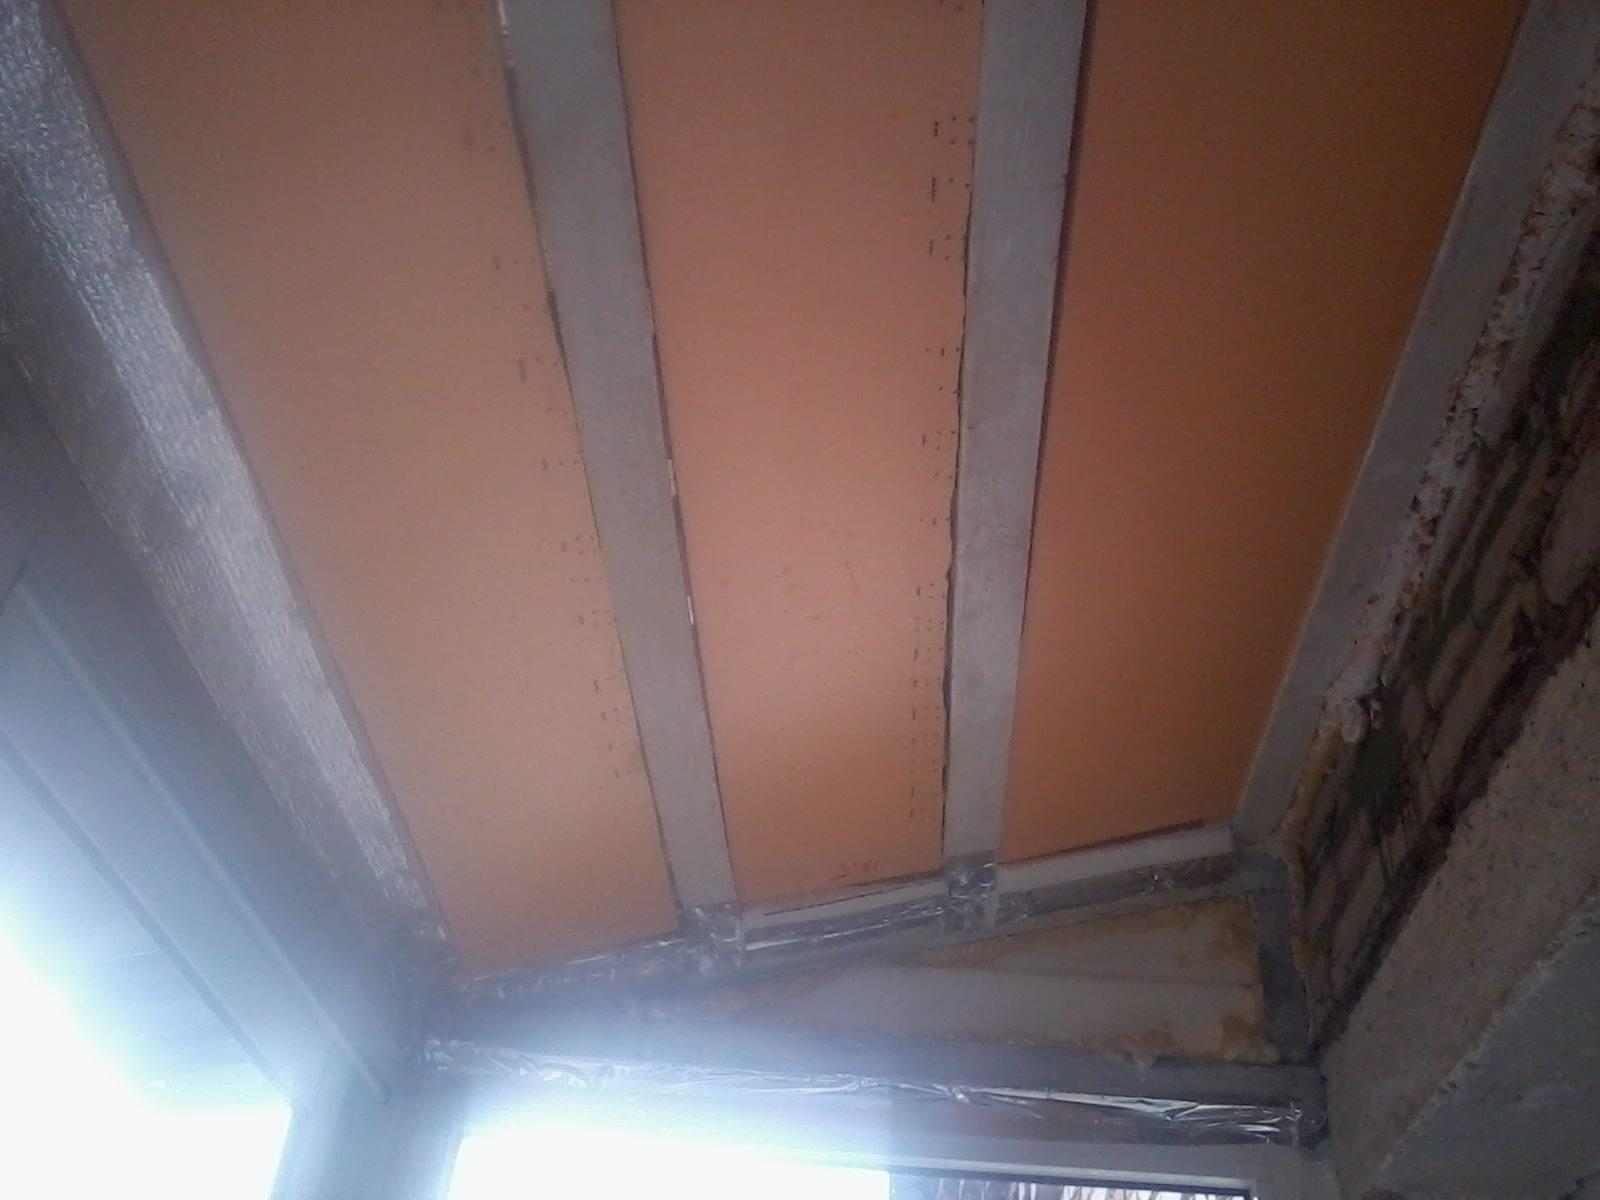 Укладка теплоизоляционного материала в конструкцию крыши балкона